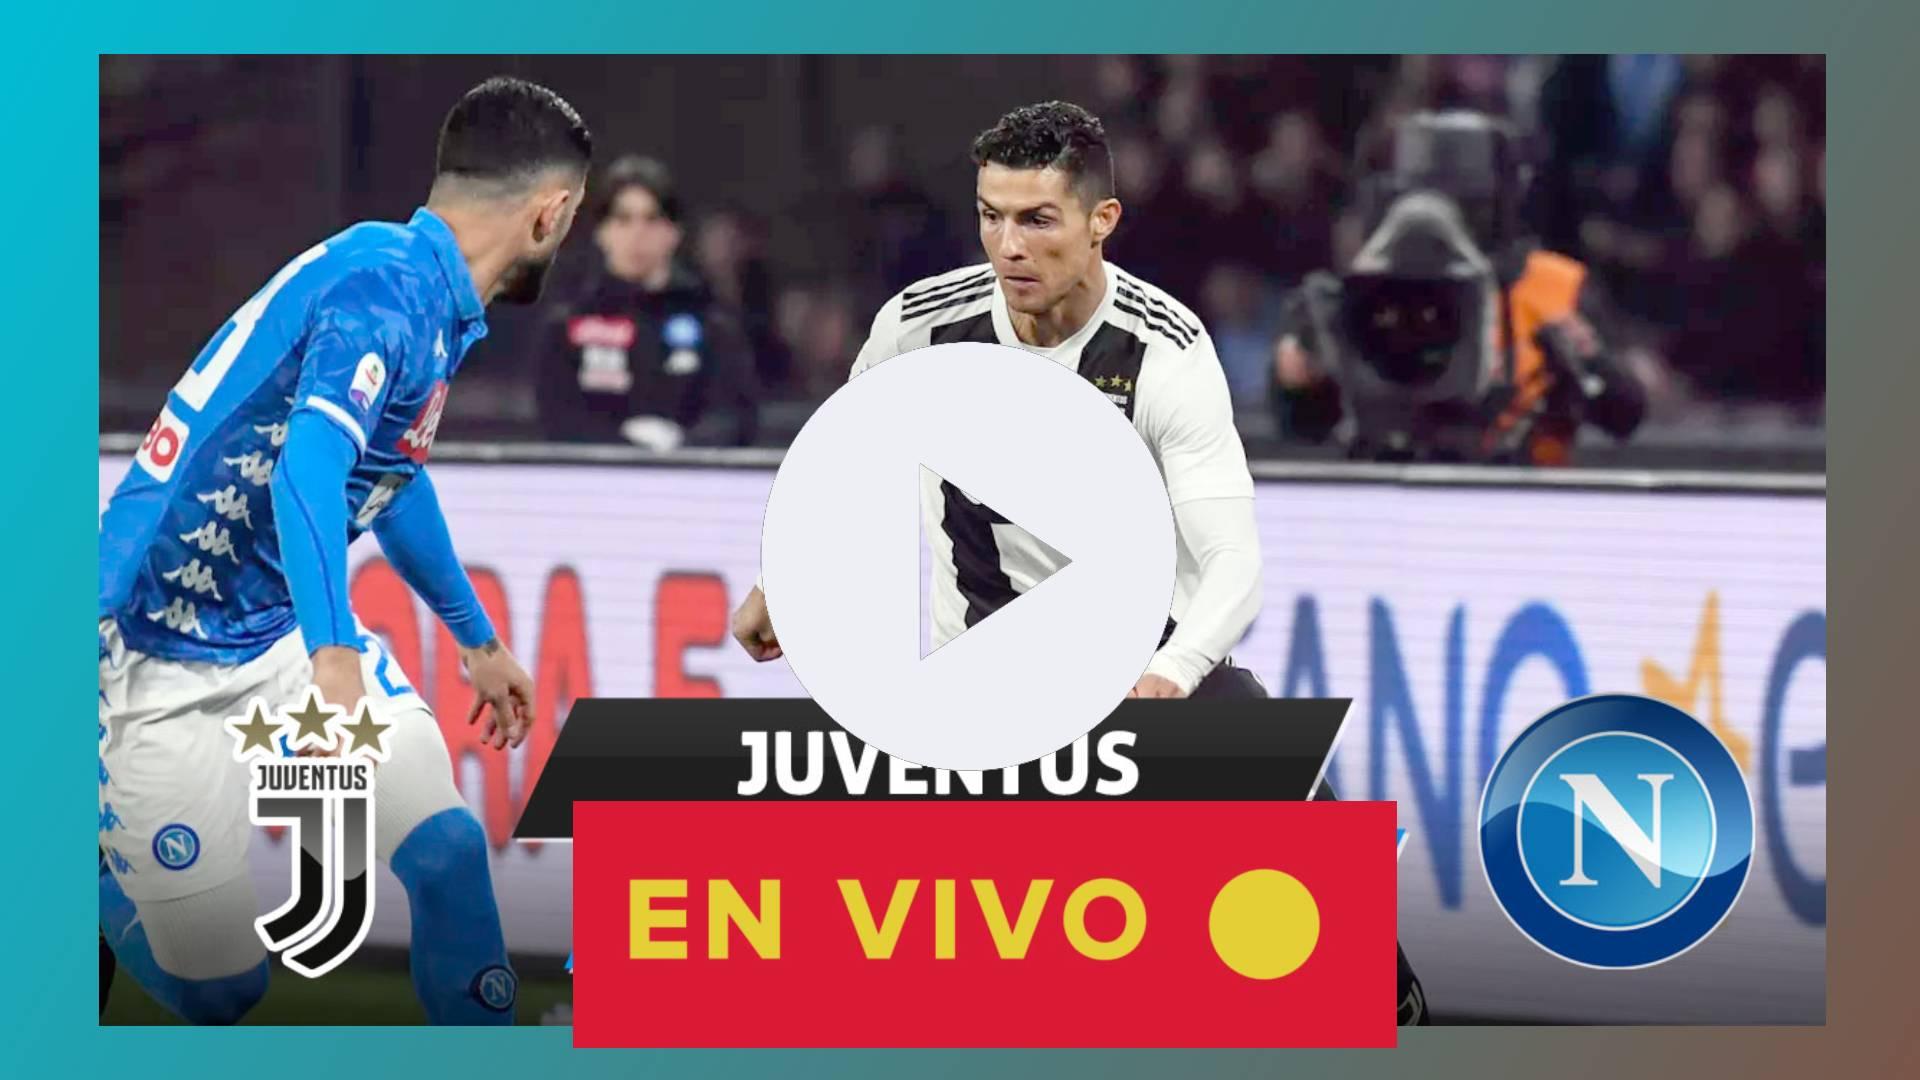 Juventus vs Nápoles